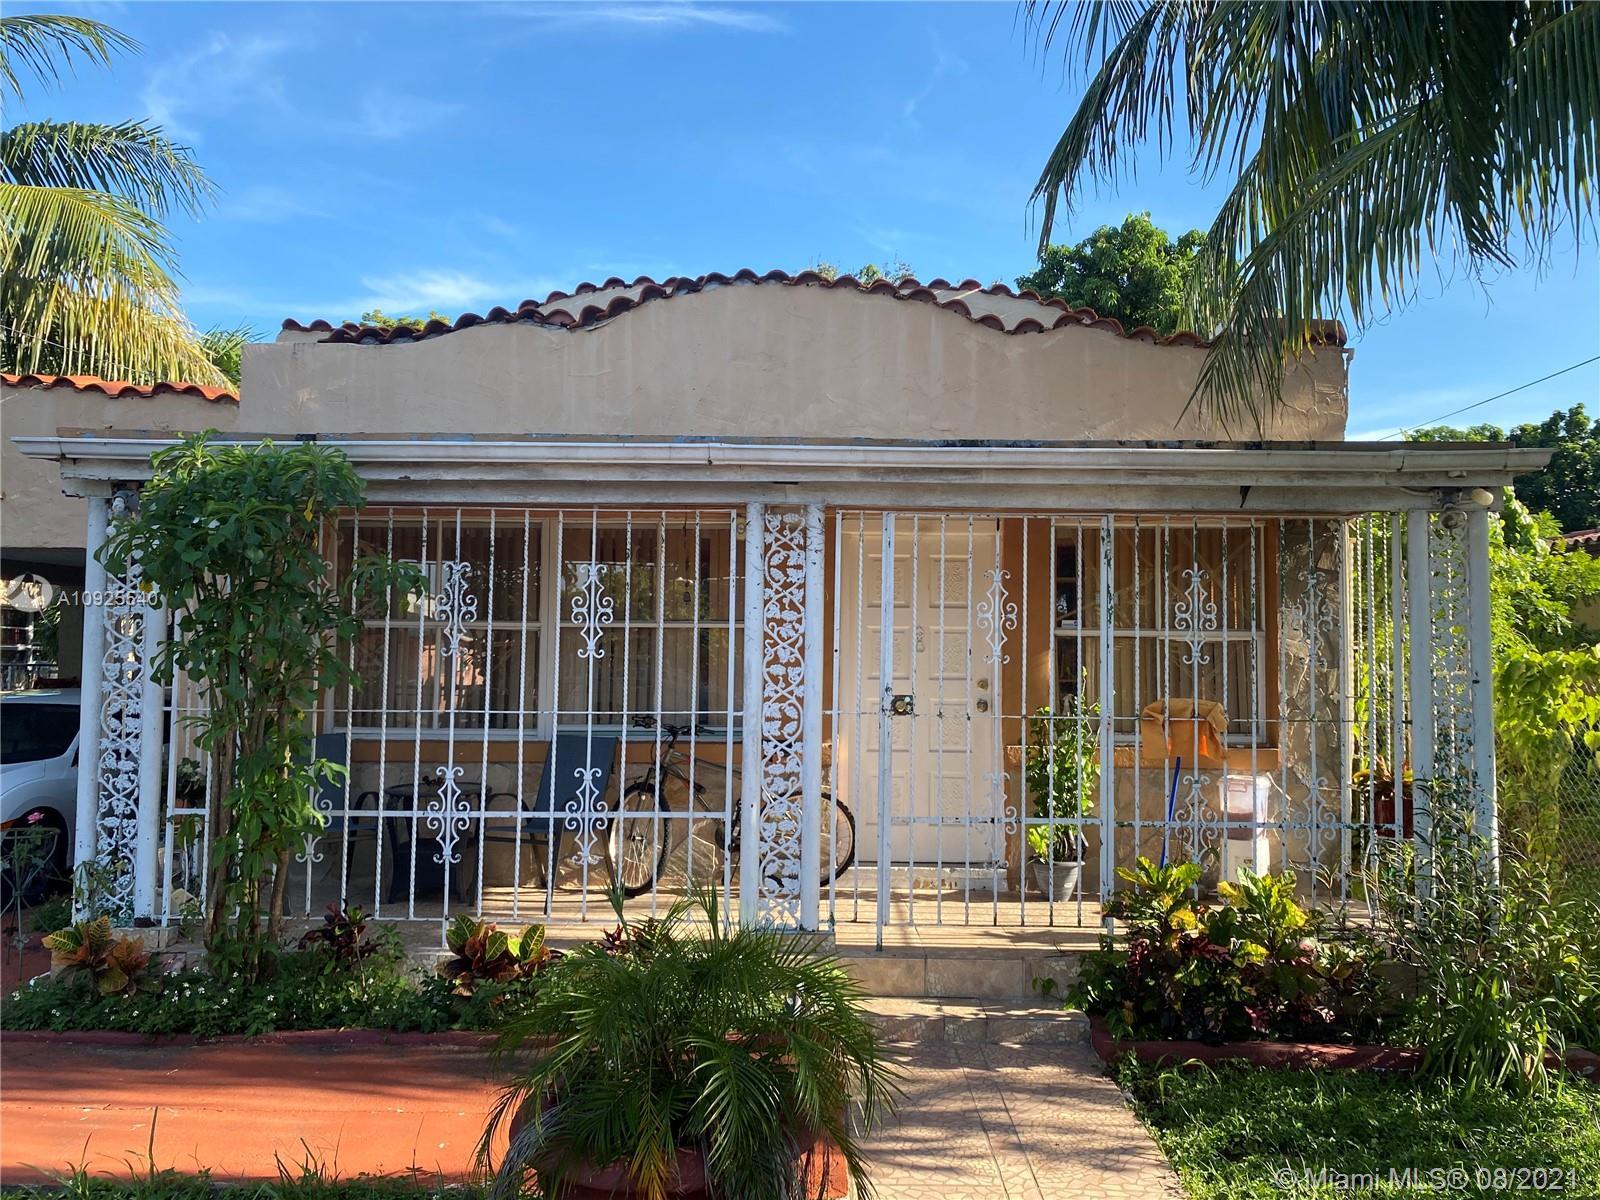 Allapattah - 2162 NW 26th St, Miami, FL 33142